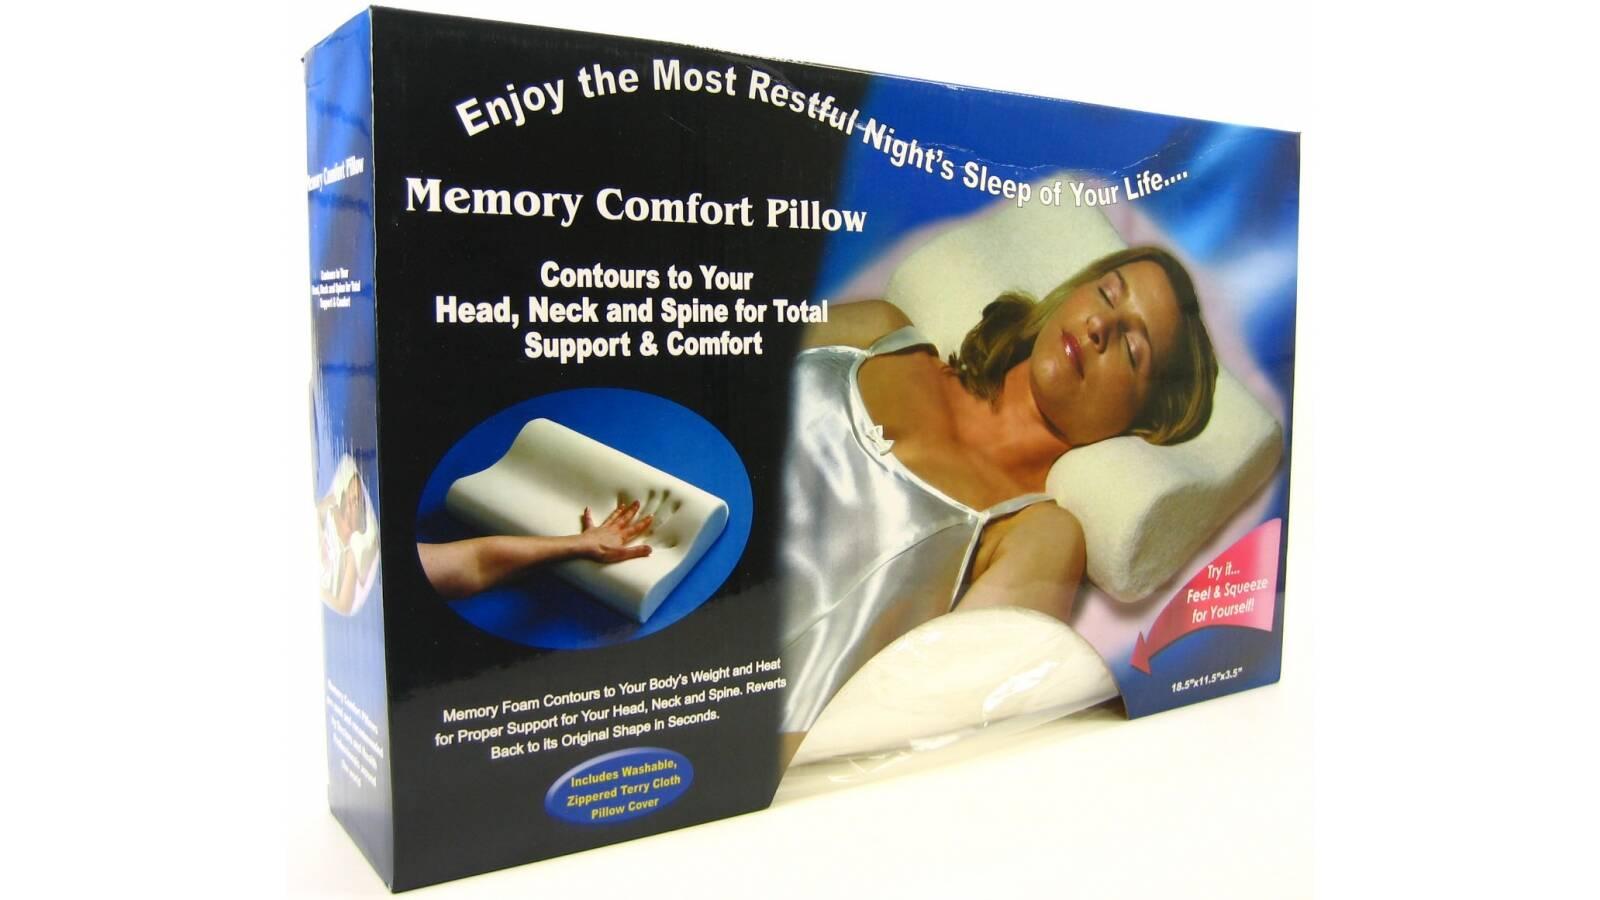 Almohada confort con memoria